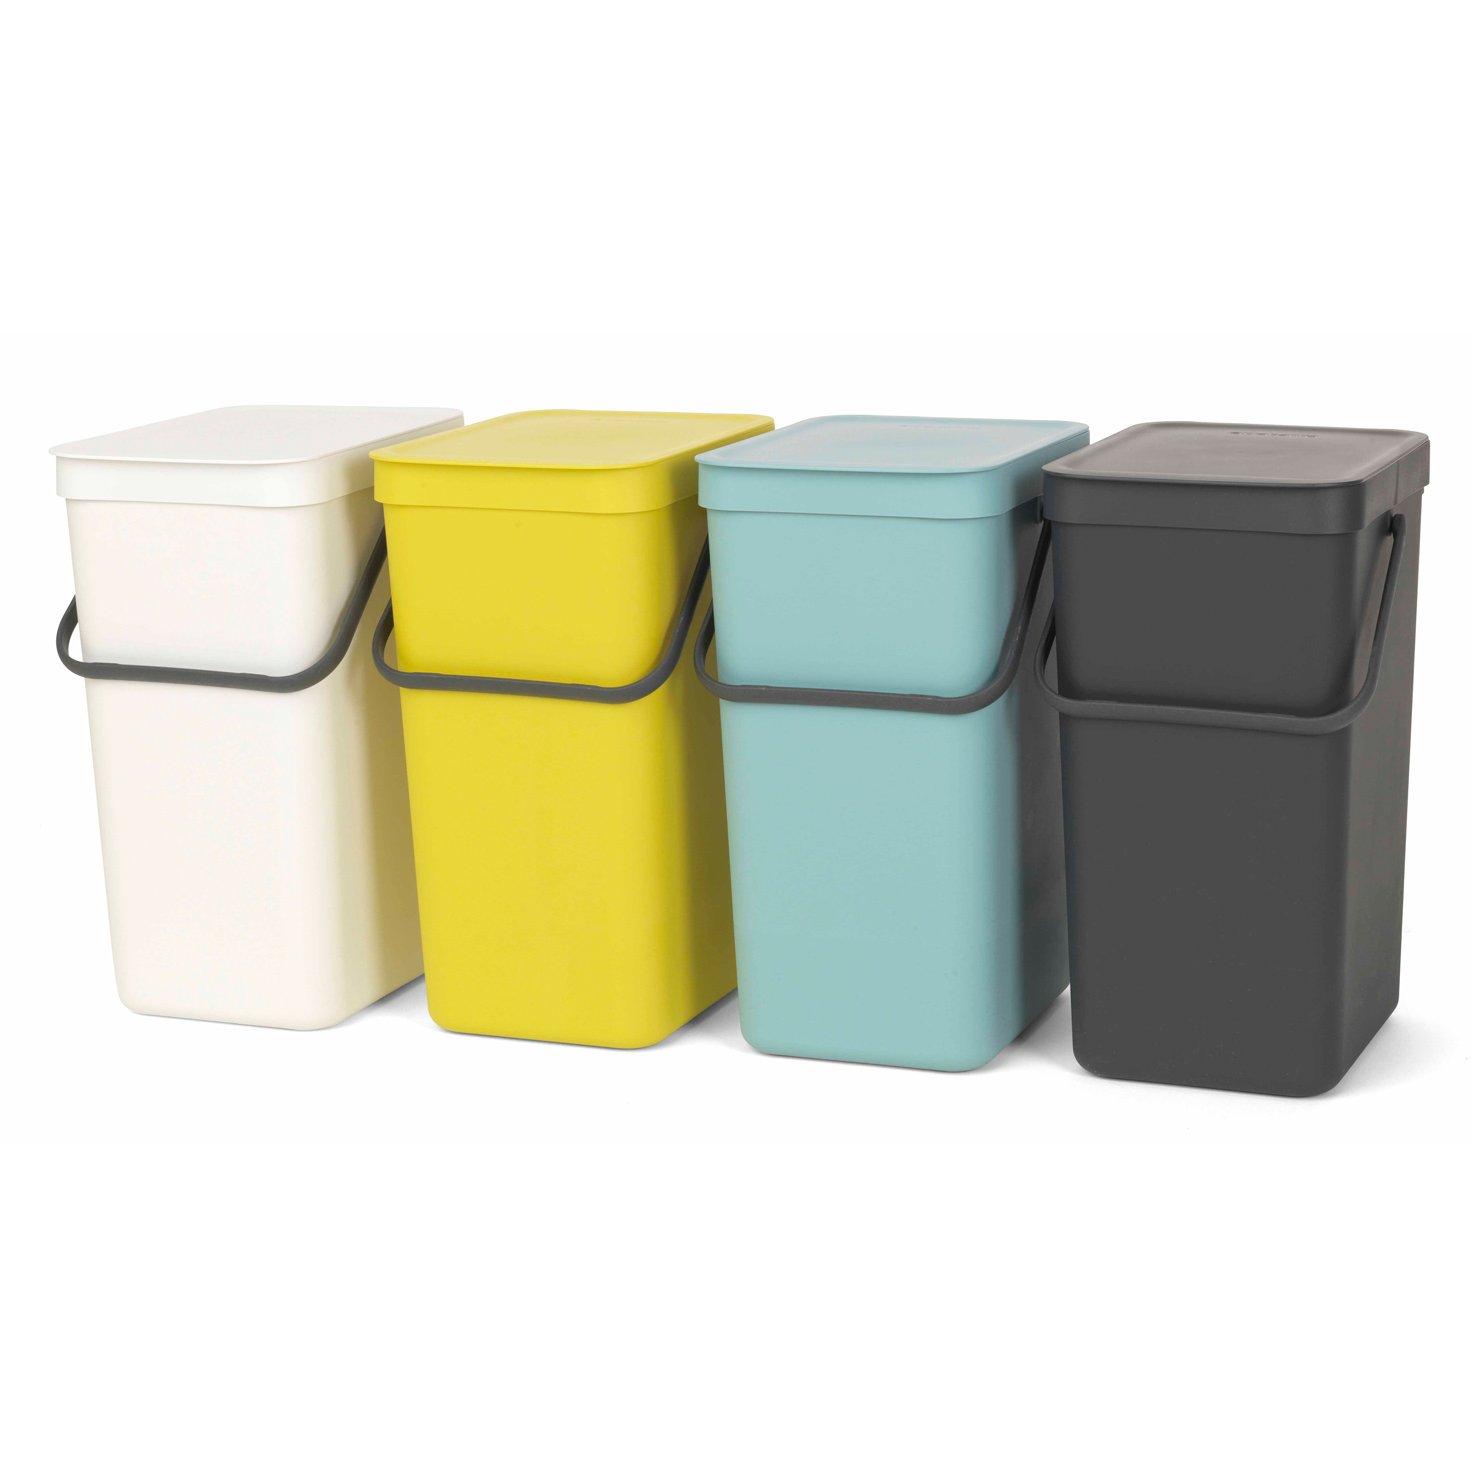 Brabantia Sort & Go Waste Bin, Plastic, Grey, 16 Litre: Brabantia ...